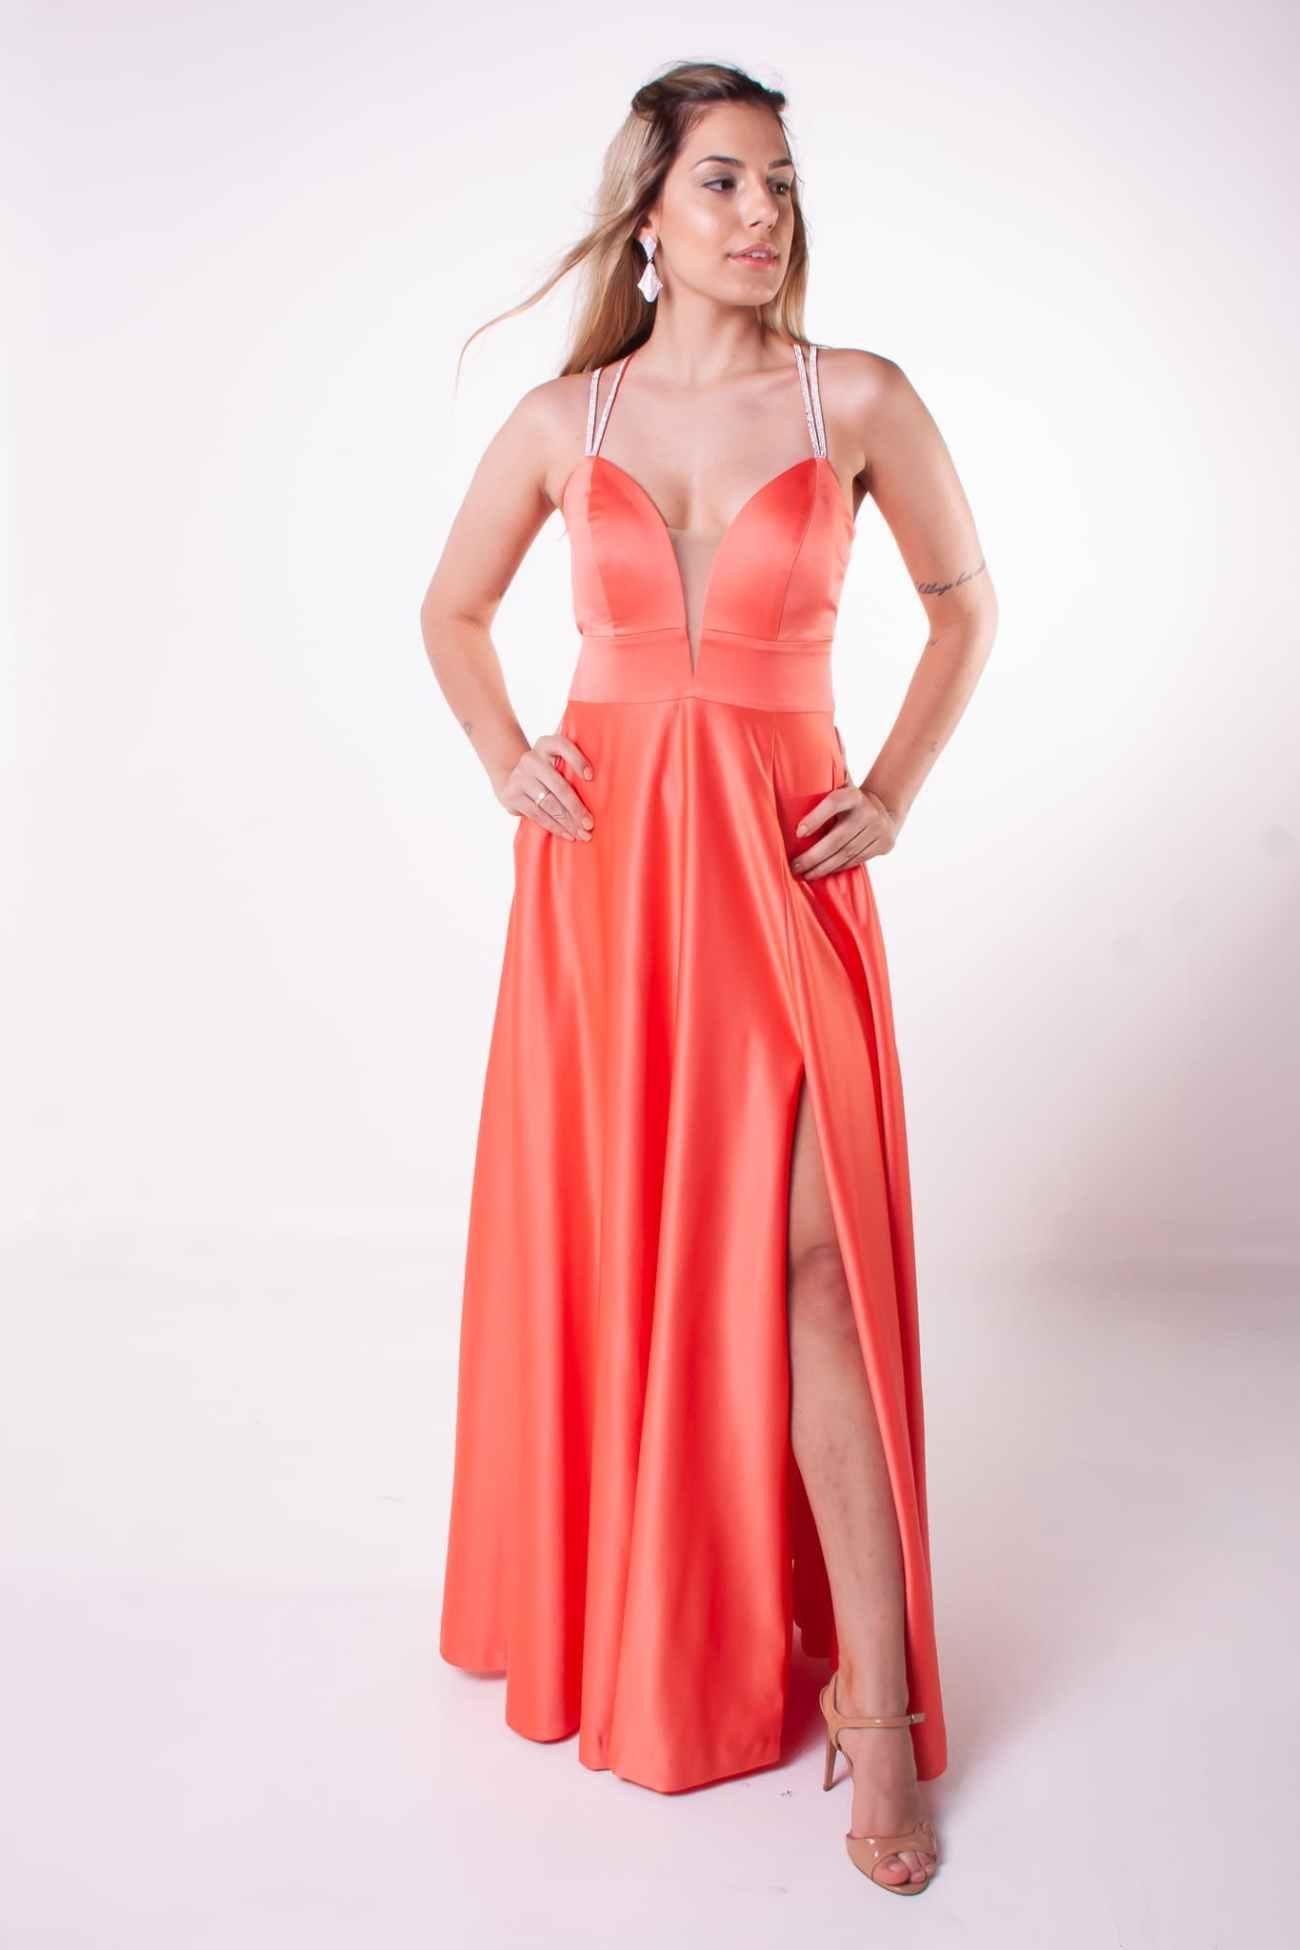 23 - Vestido coral com fenda e detalhe nas costas